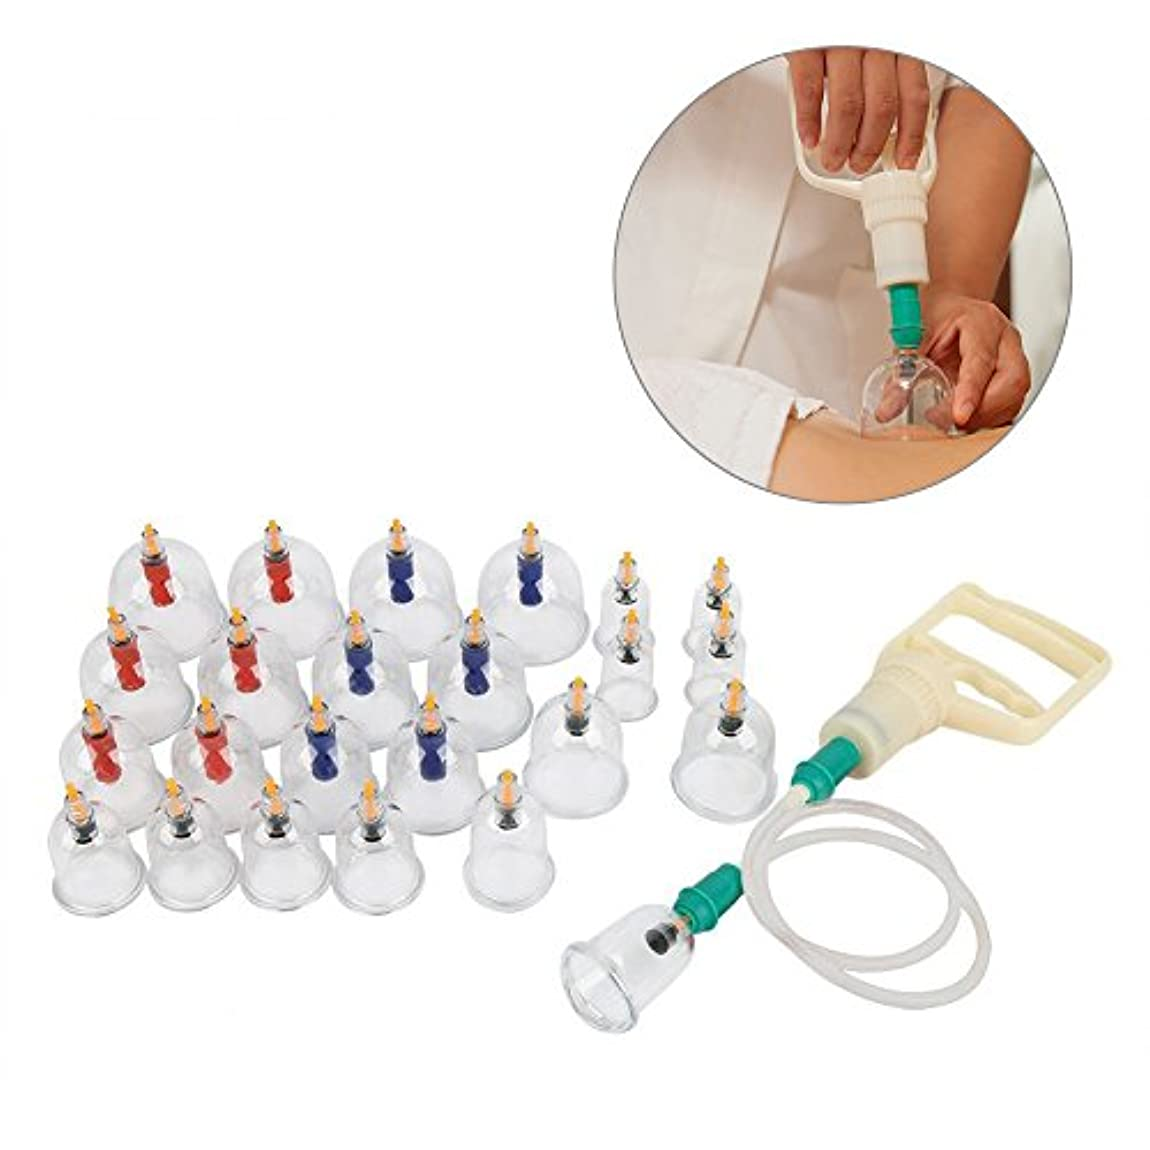 祭司フォルダ計算する24個のU字型カッピング真空マッサージ療法ボディの真空サクションカップ伝統的な中国の医療用真空